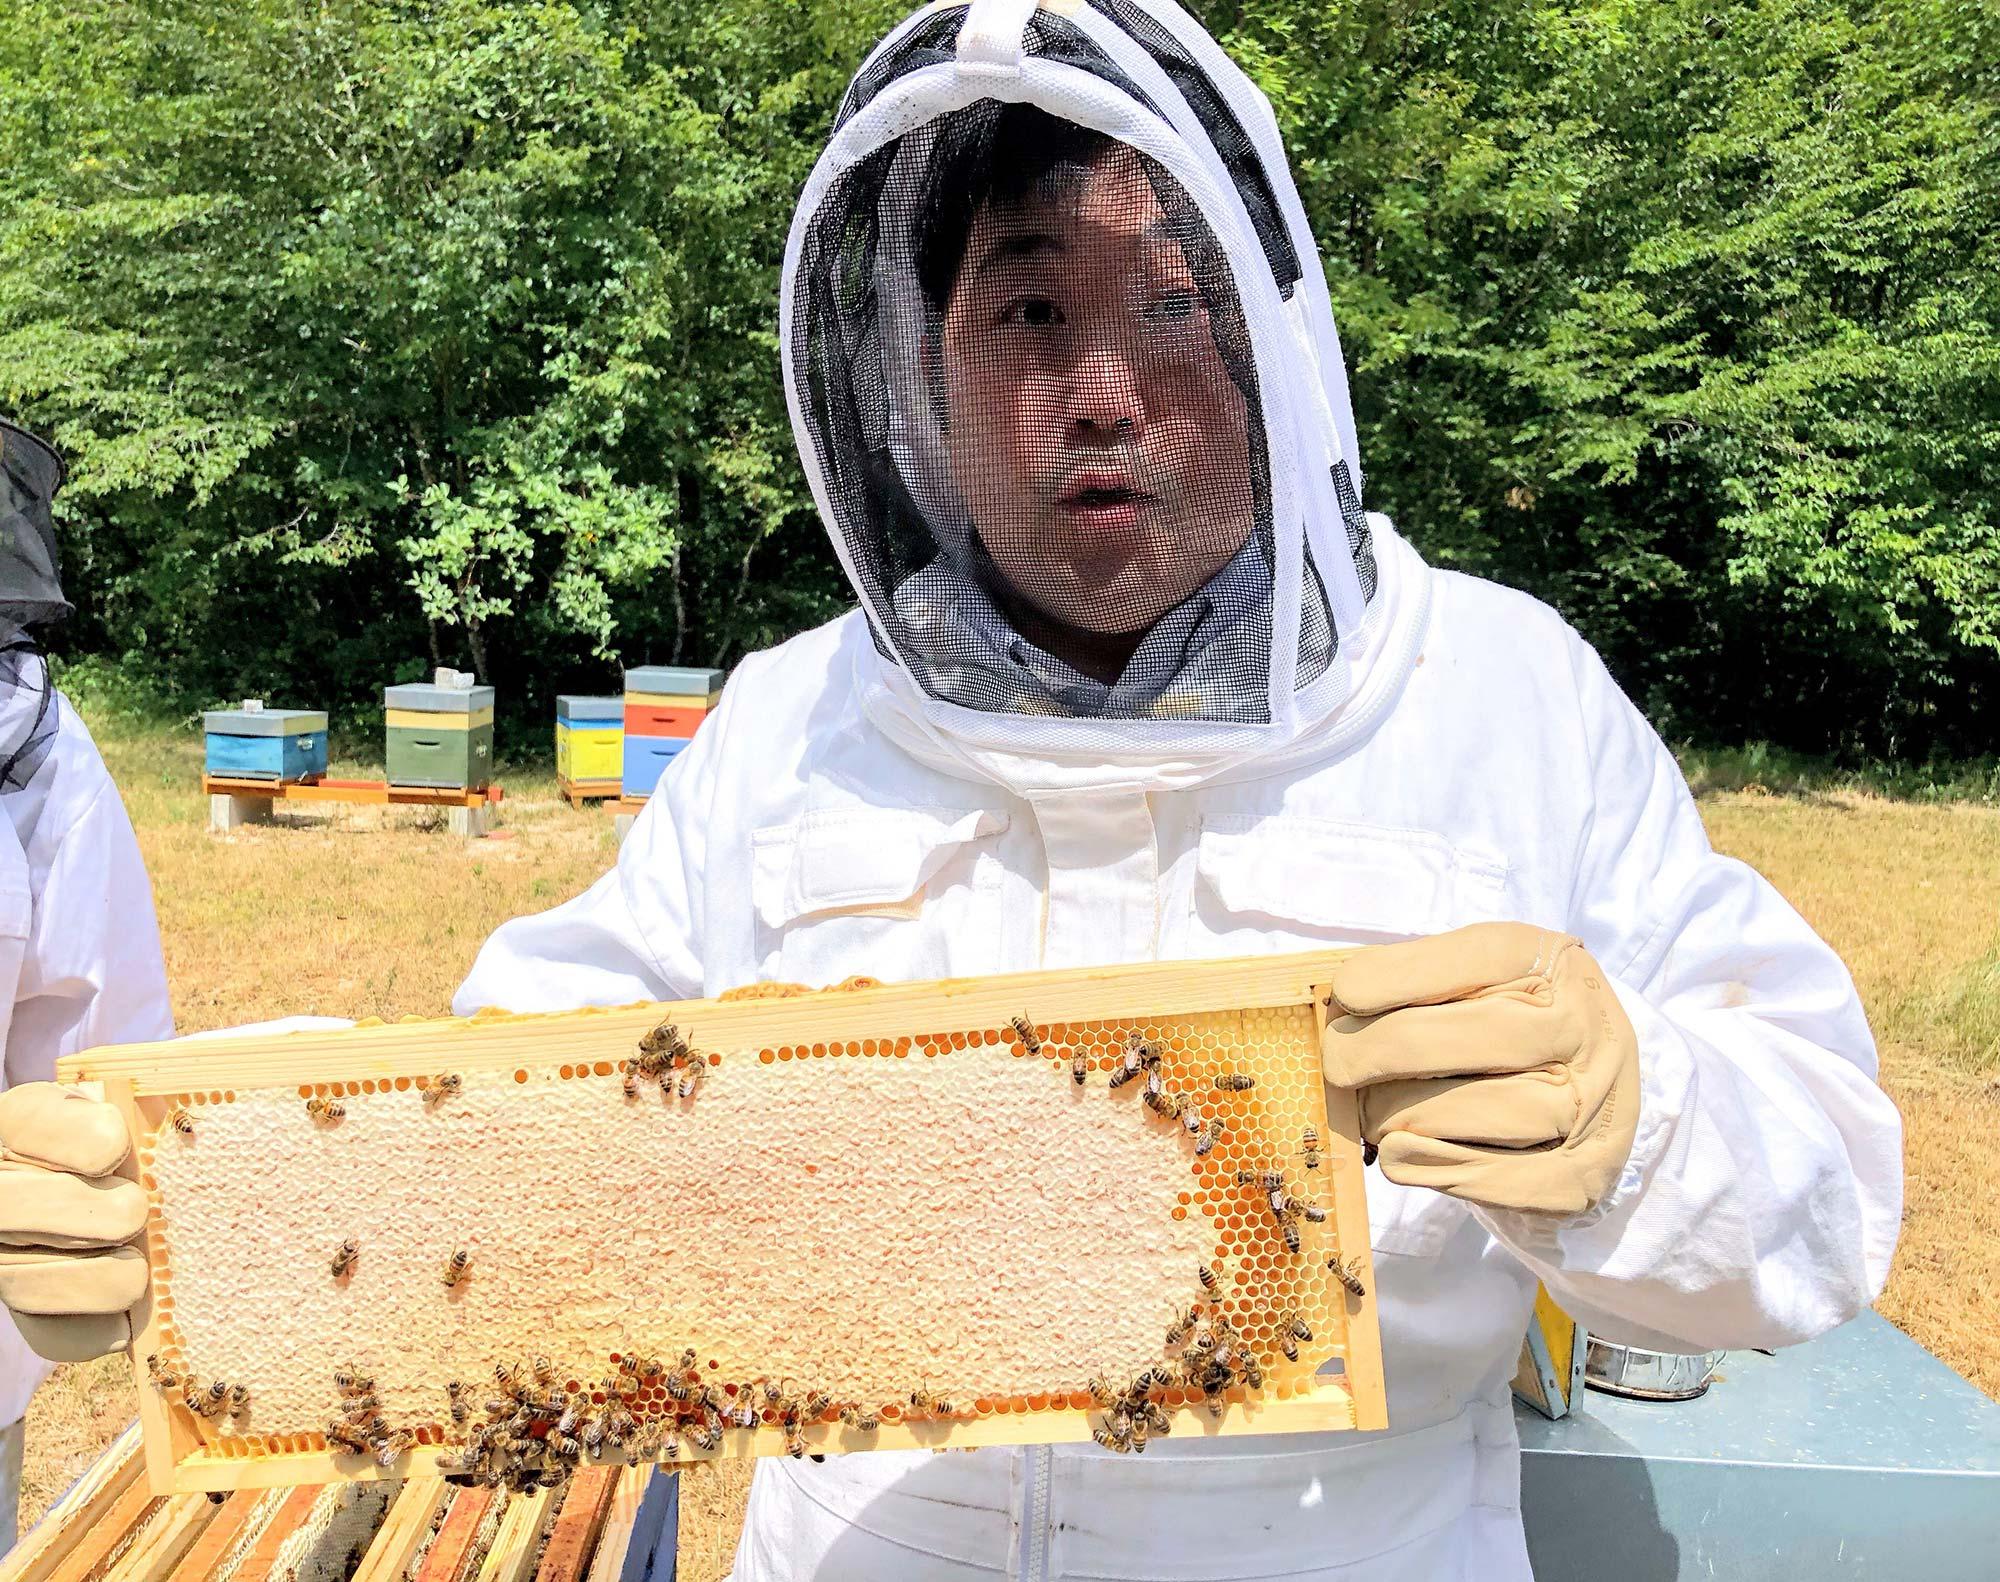 Homme dans une combinaison d'apiculteur tenant des alvéoles de miel dans les mains